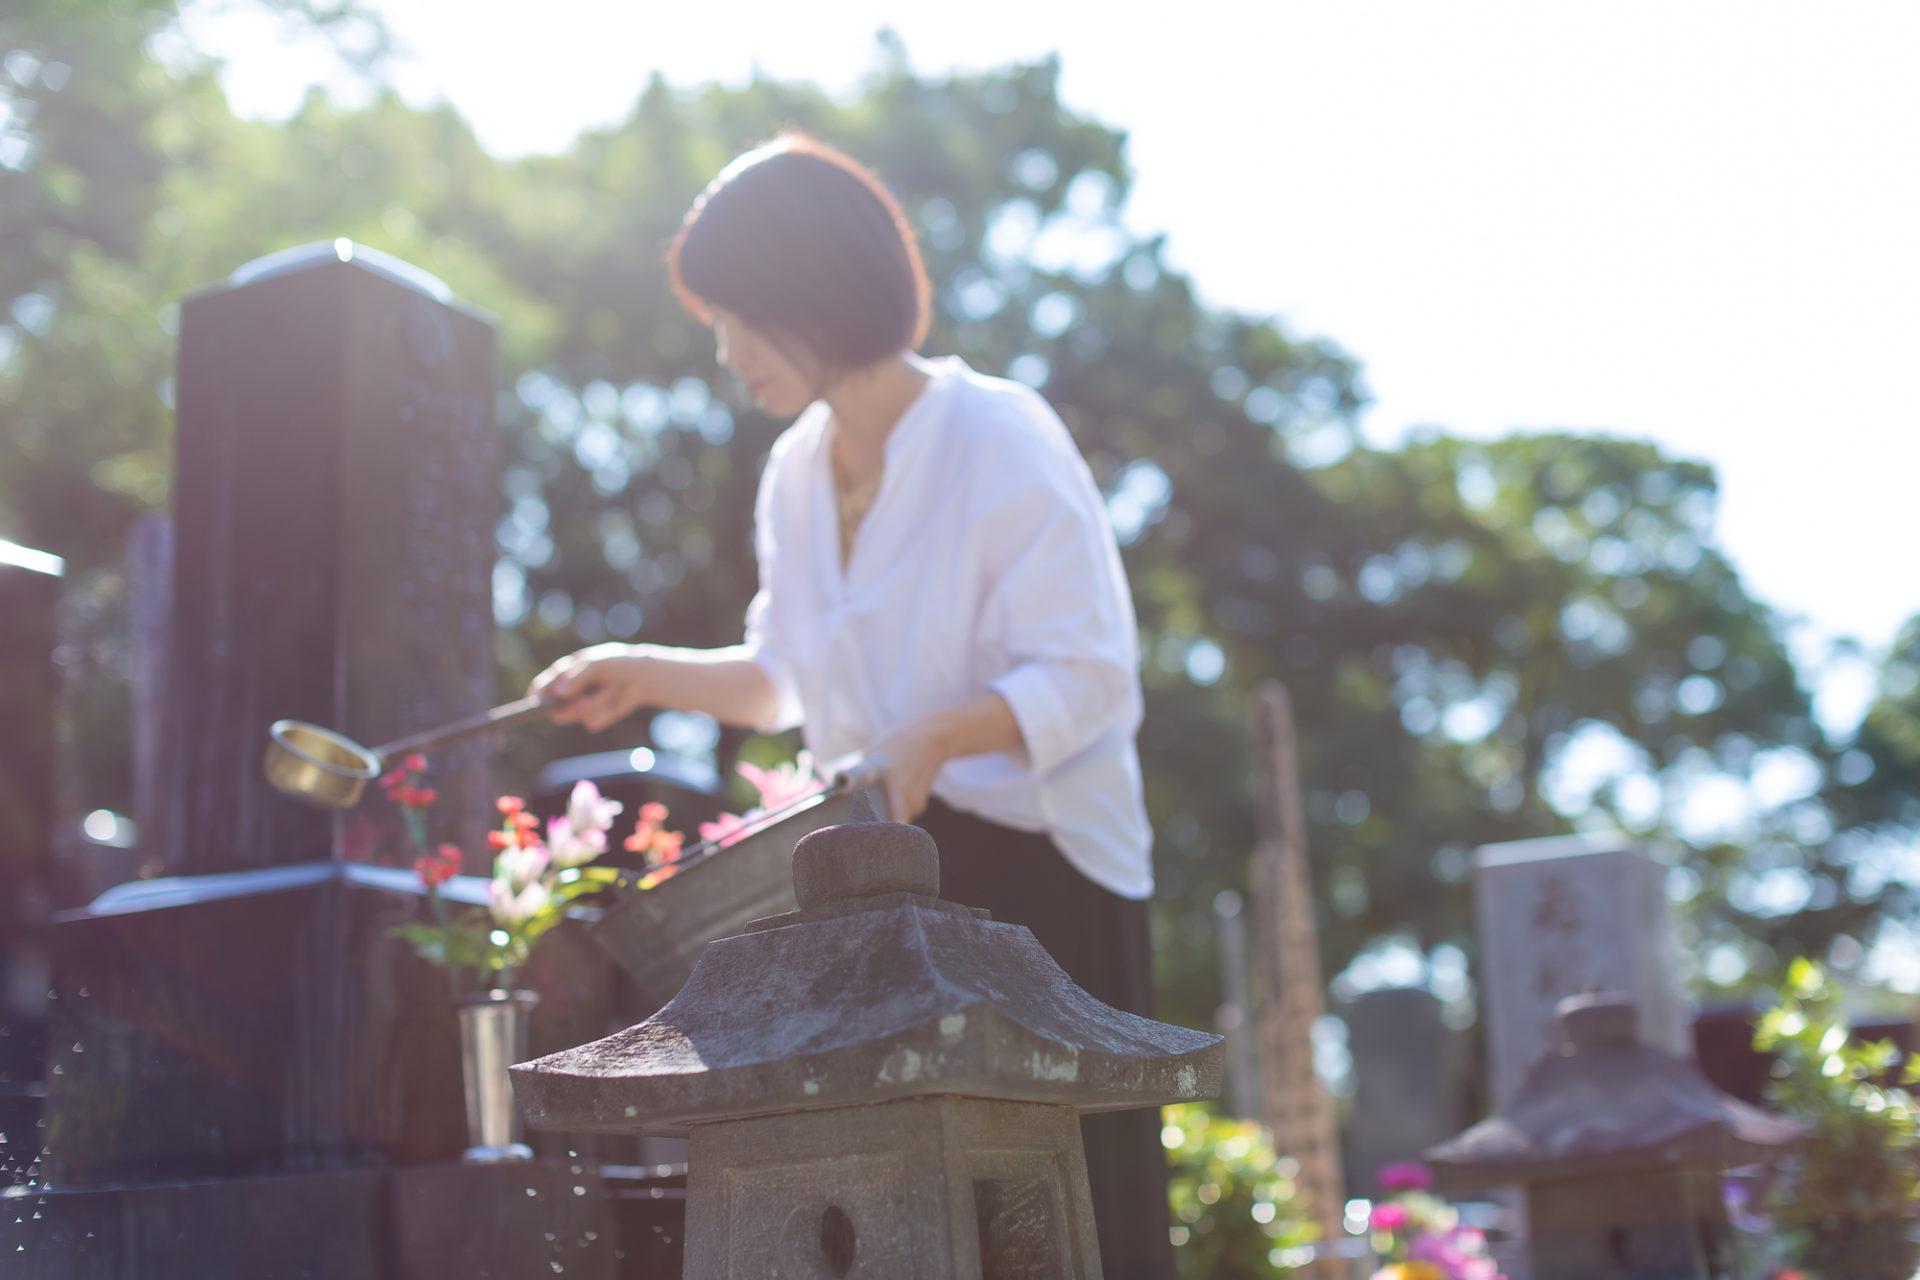 コロナ禍で墓参りは大幅な減少傾向に【葬儀業界の今】